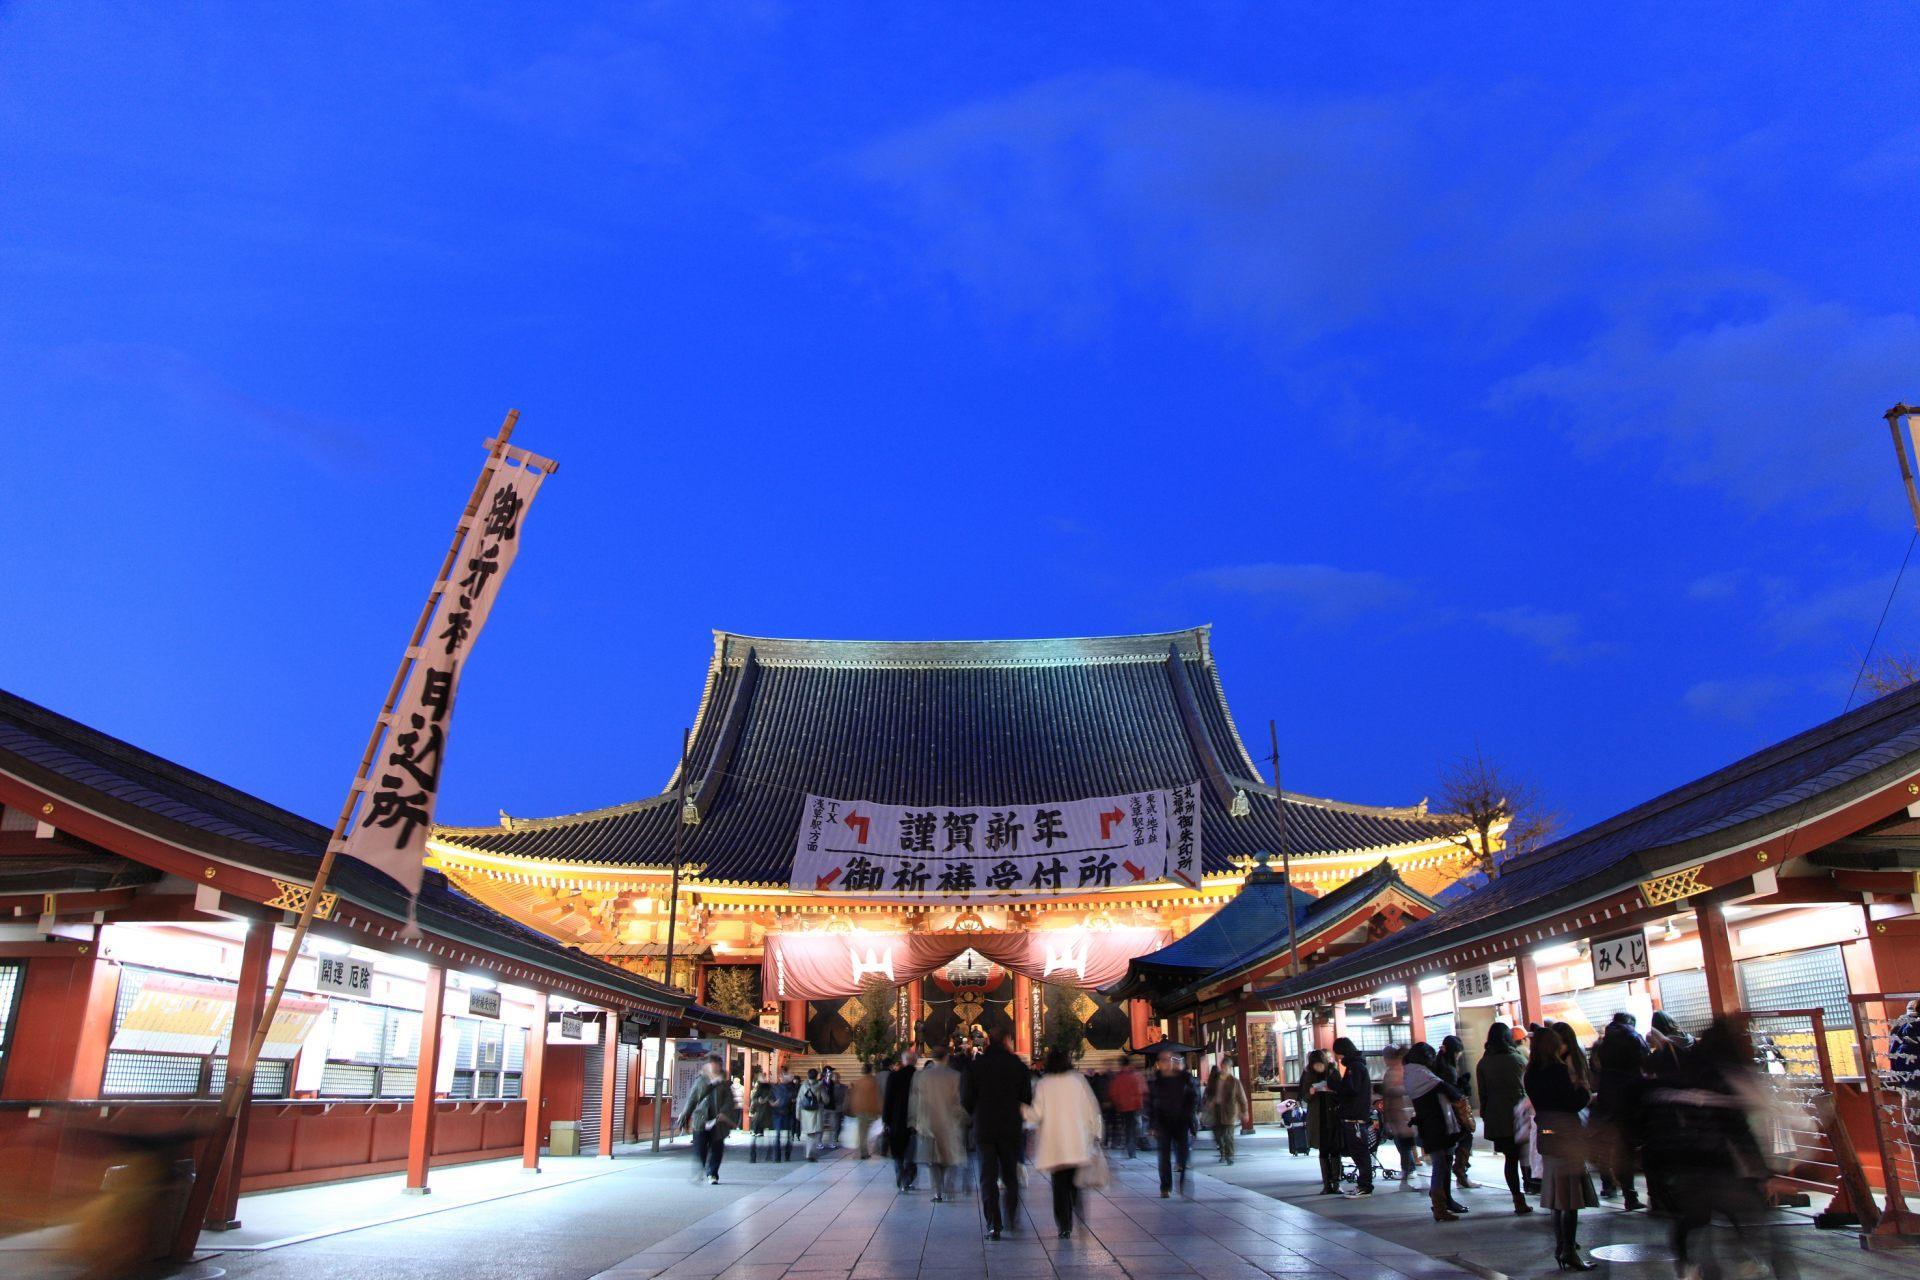 大晦日當晚去淺草寺參拜的初詣客